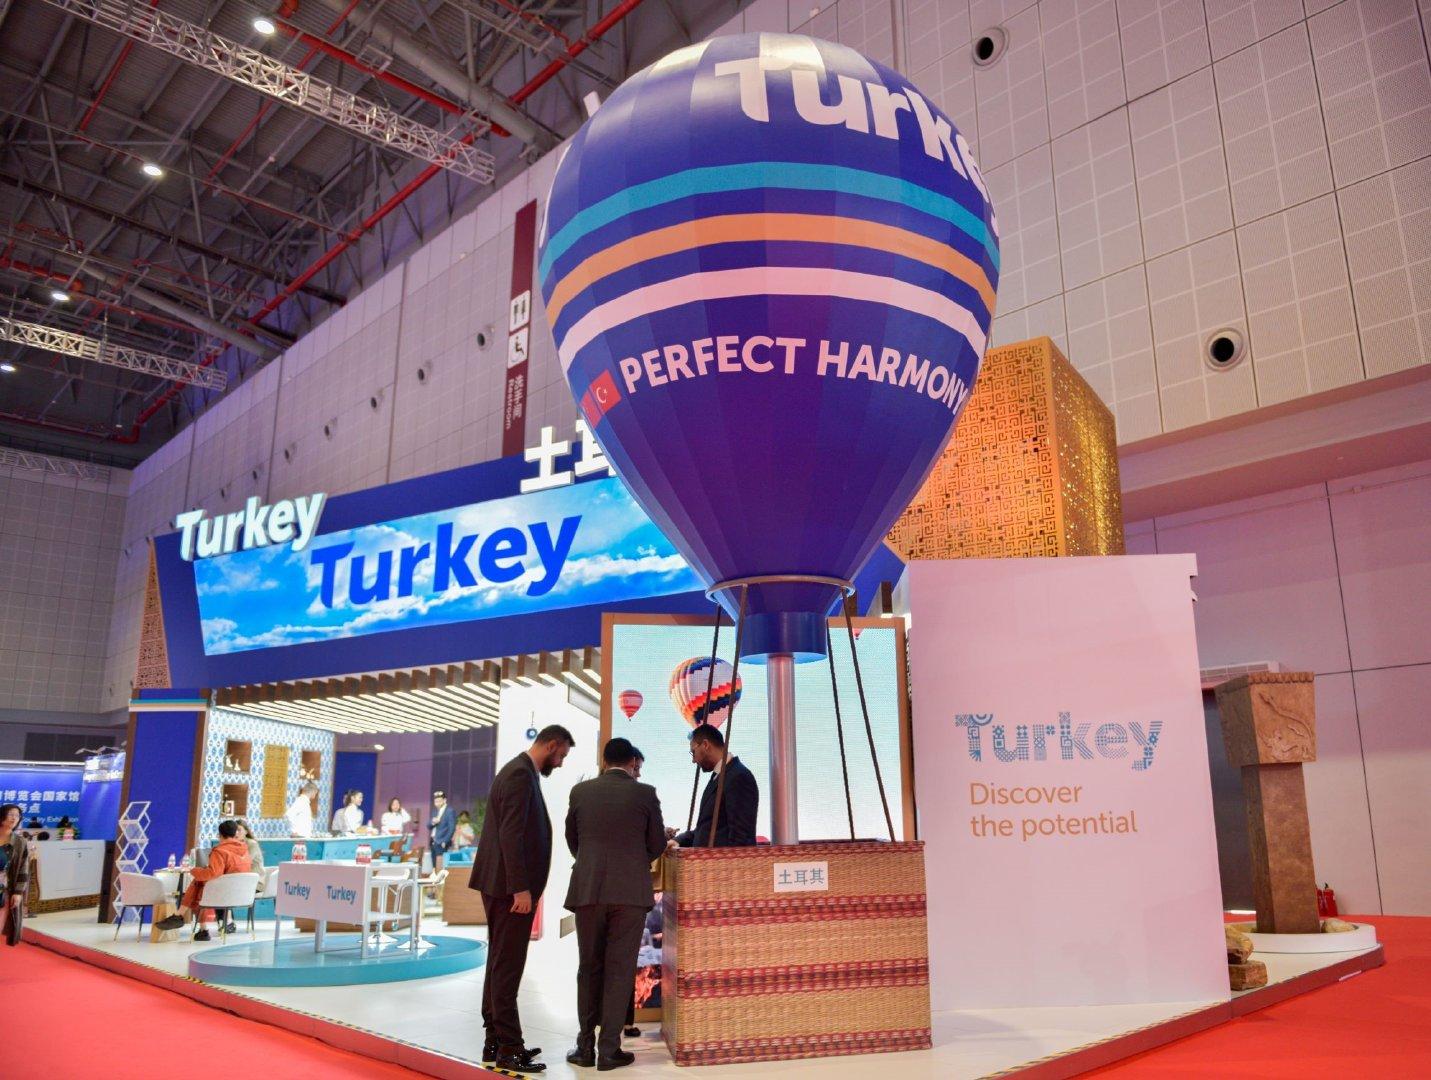 很荣幸受邀出席  土耳其国家馆的活动